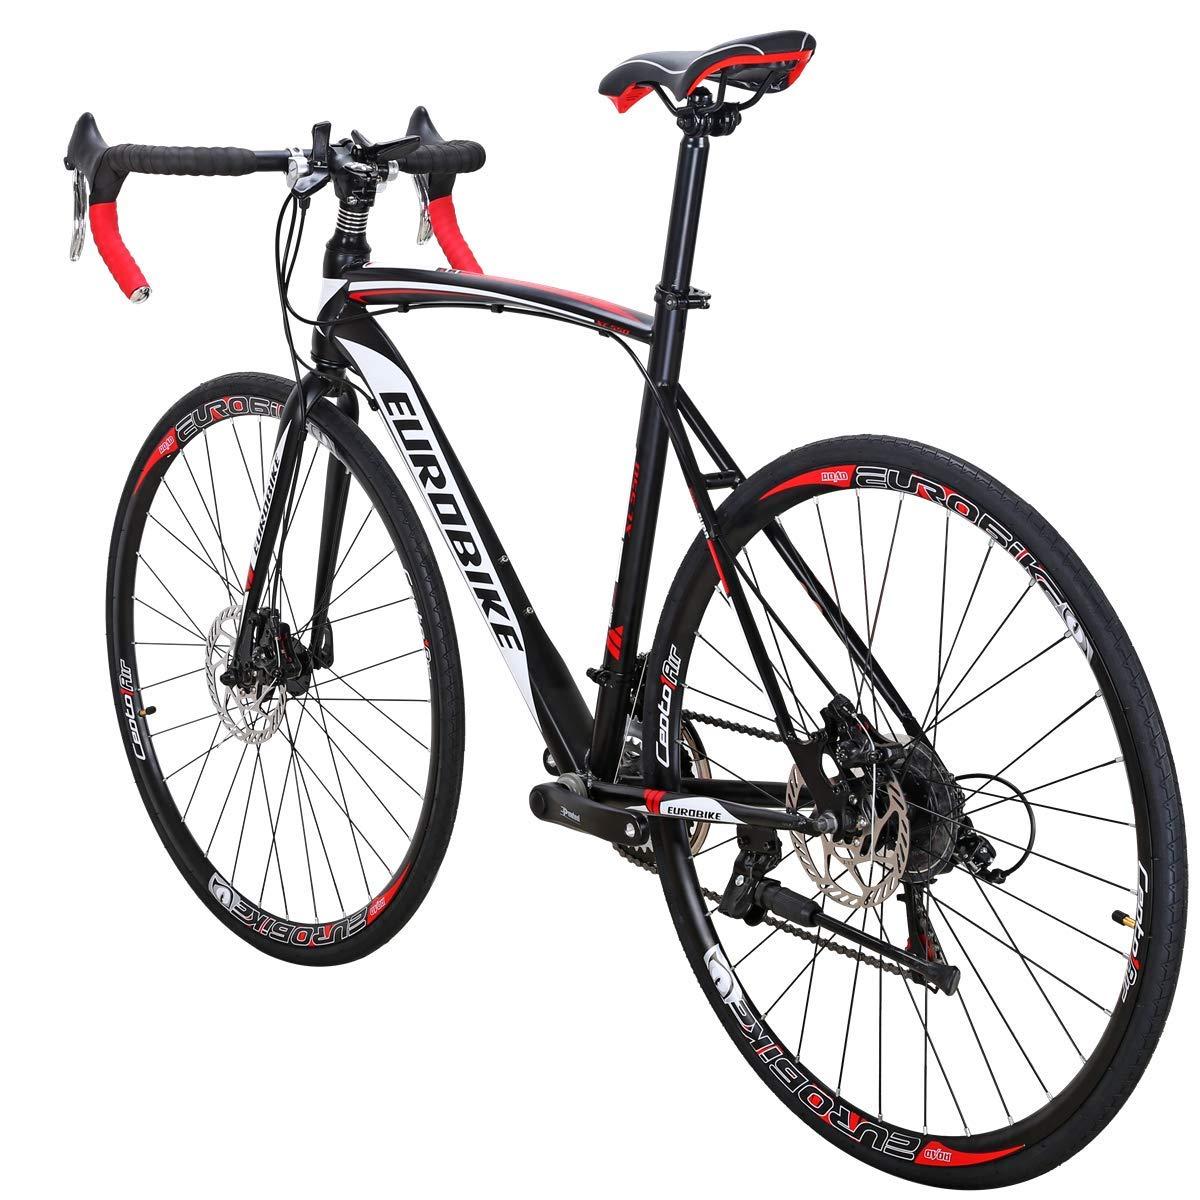 EUROBIKE ロードバイク EURXC550 21 スピード 49 cm フレーム 700C ホイール ロード 自転車 デュアルディスク ブレーキ 自転車 54 Black-white 30 B07H7DMJ1C